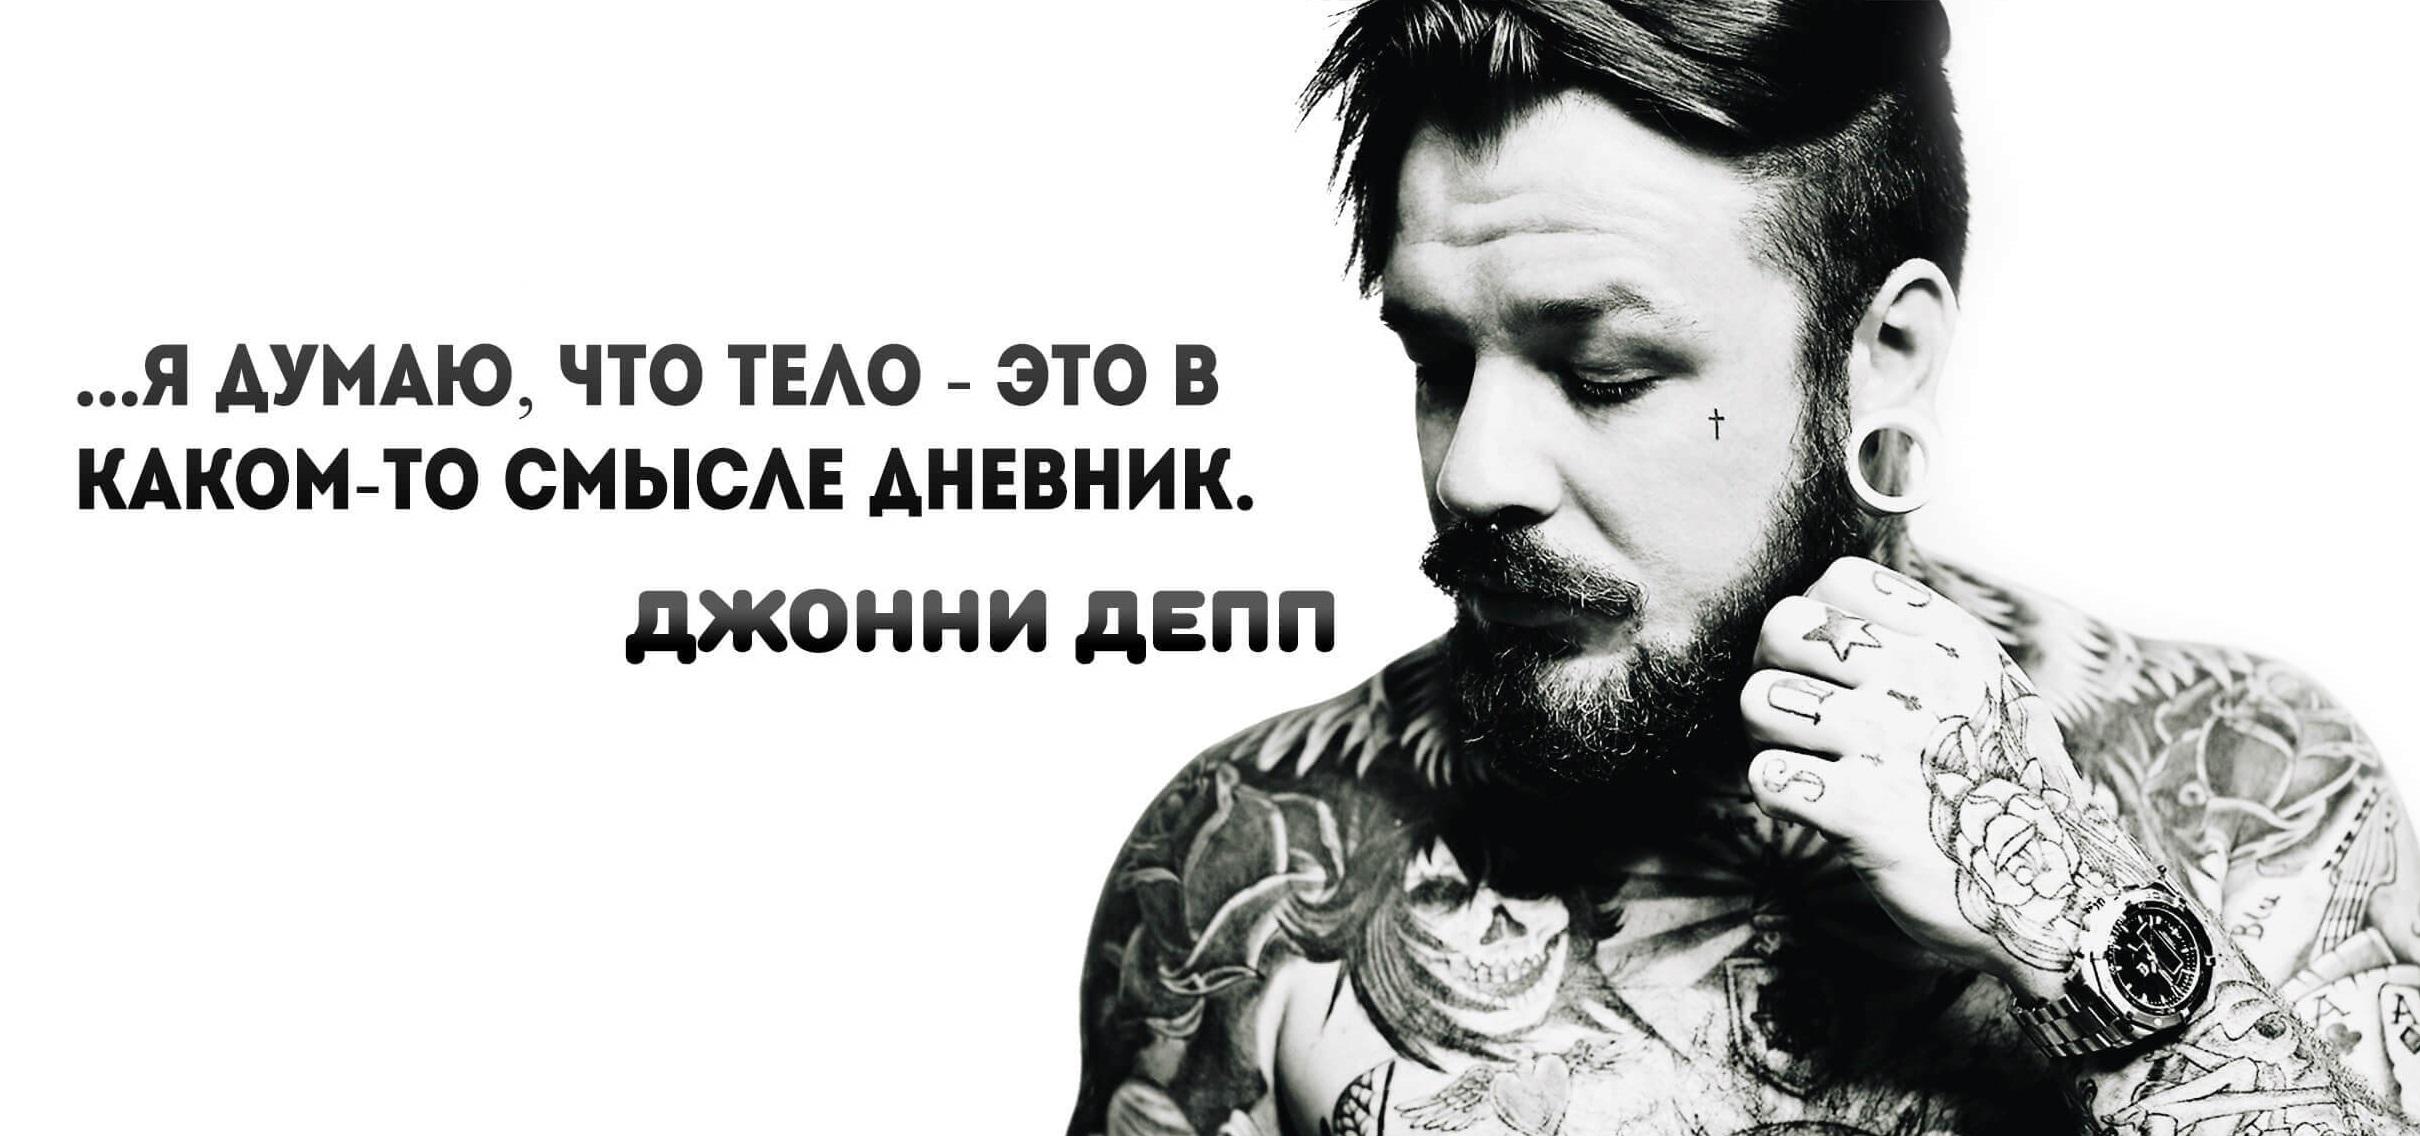 Тату салон в Киеве